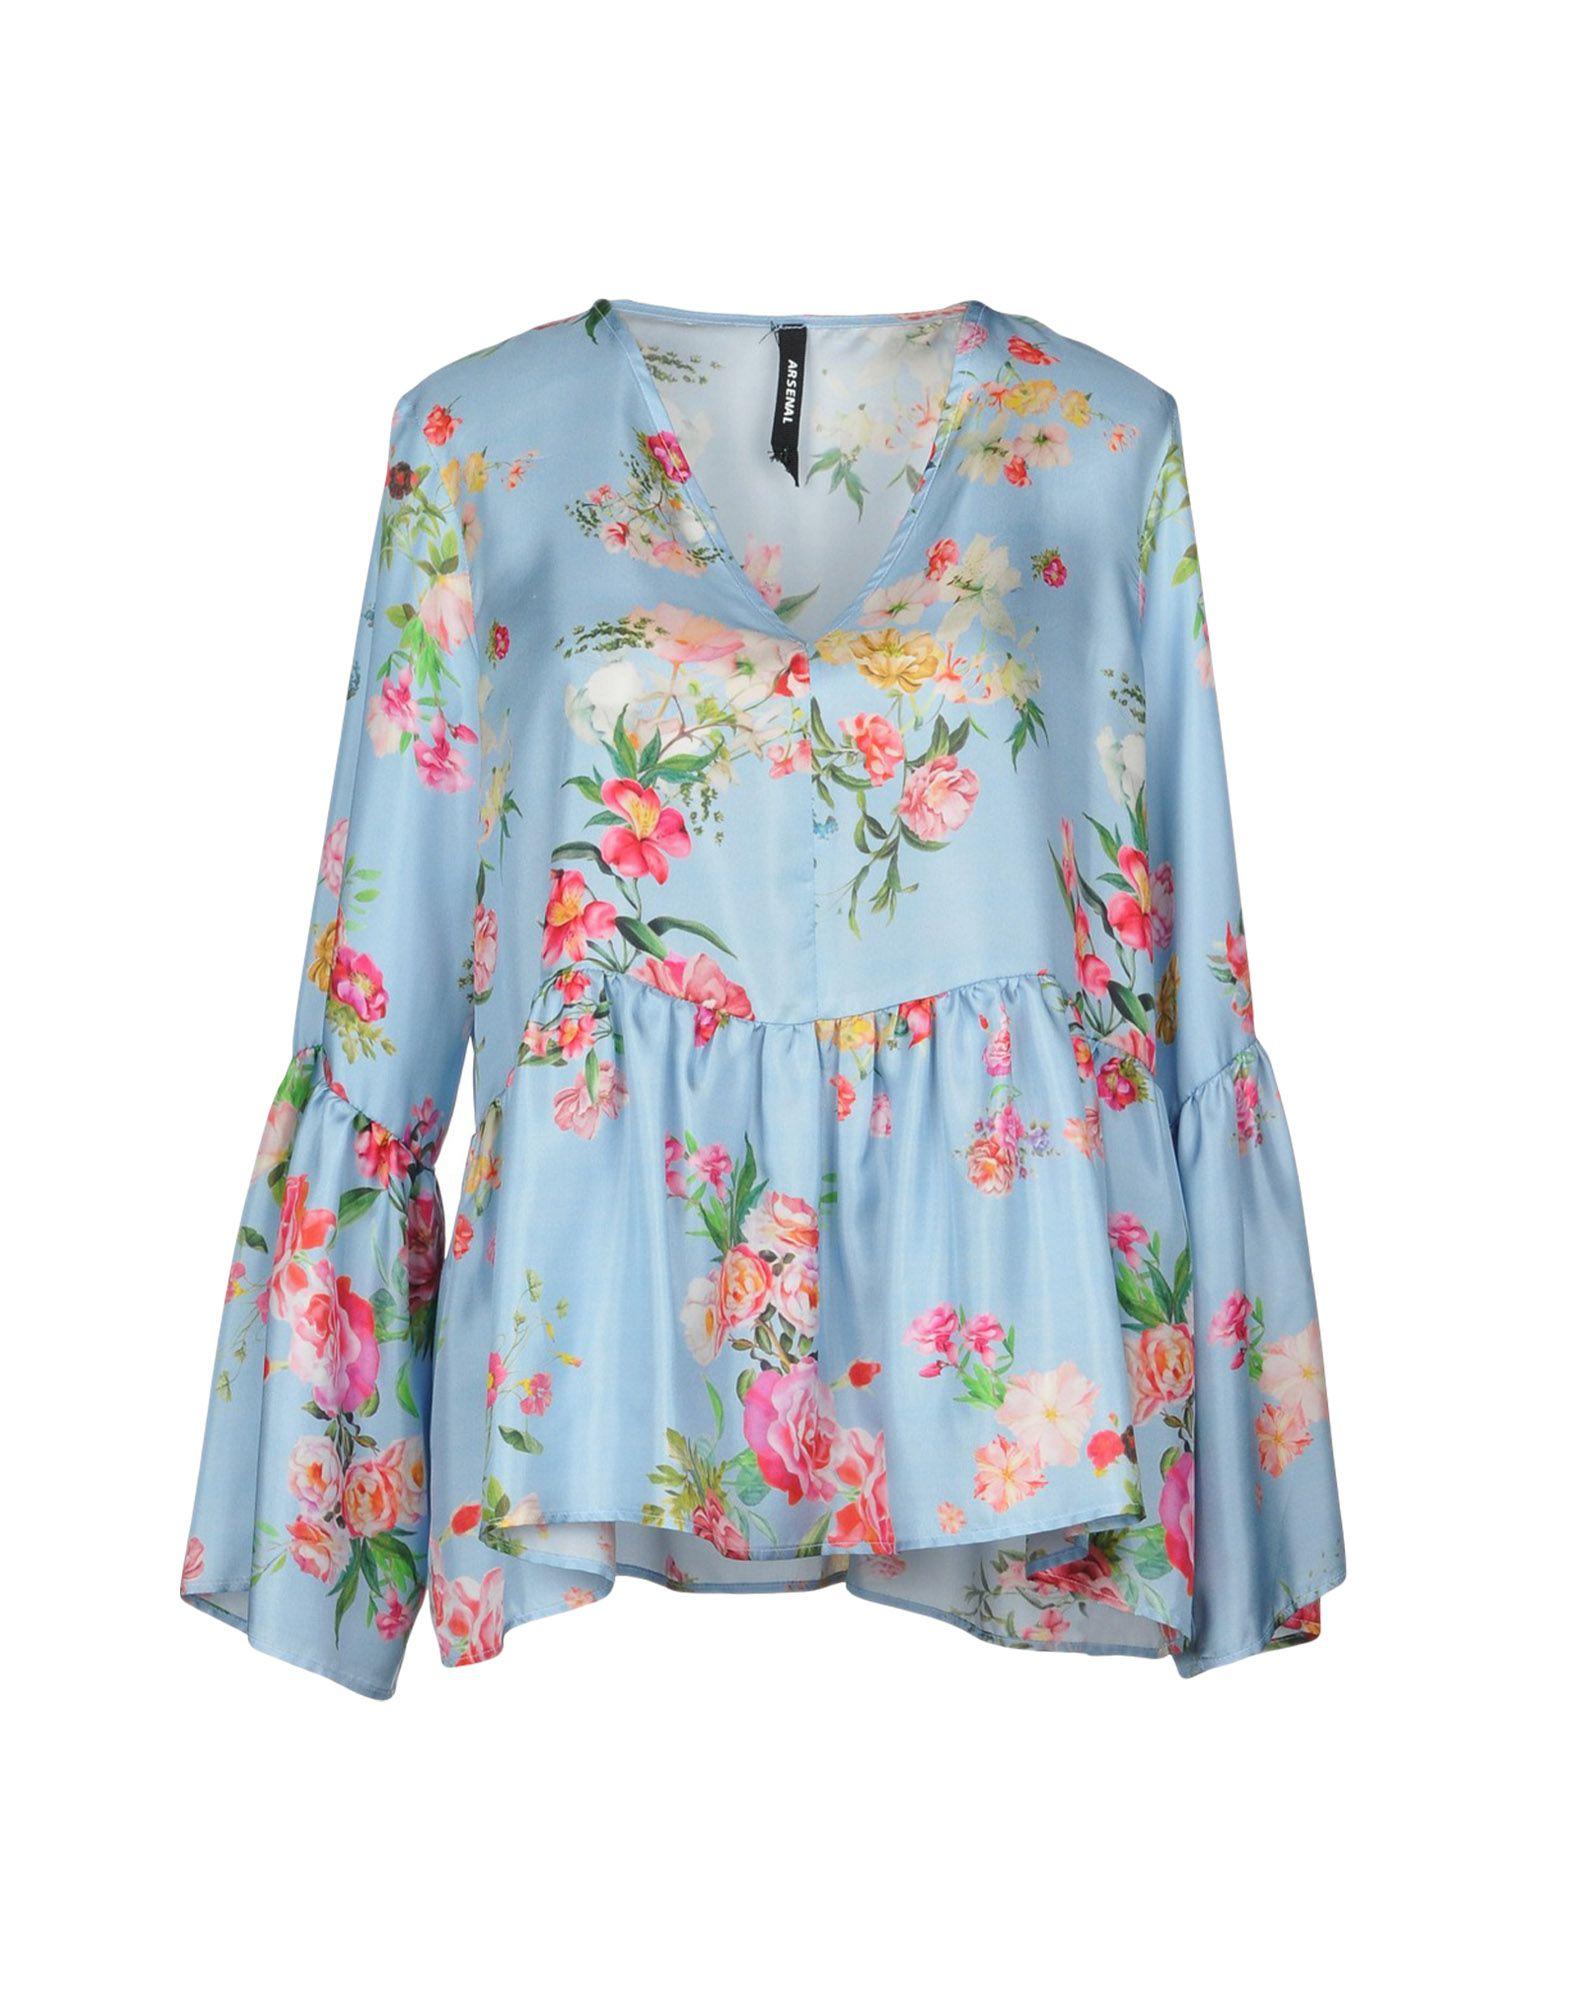 цены на ARSENAL Блузка в интернет-магазинах